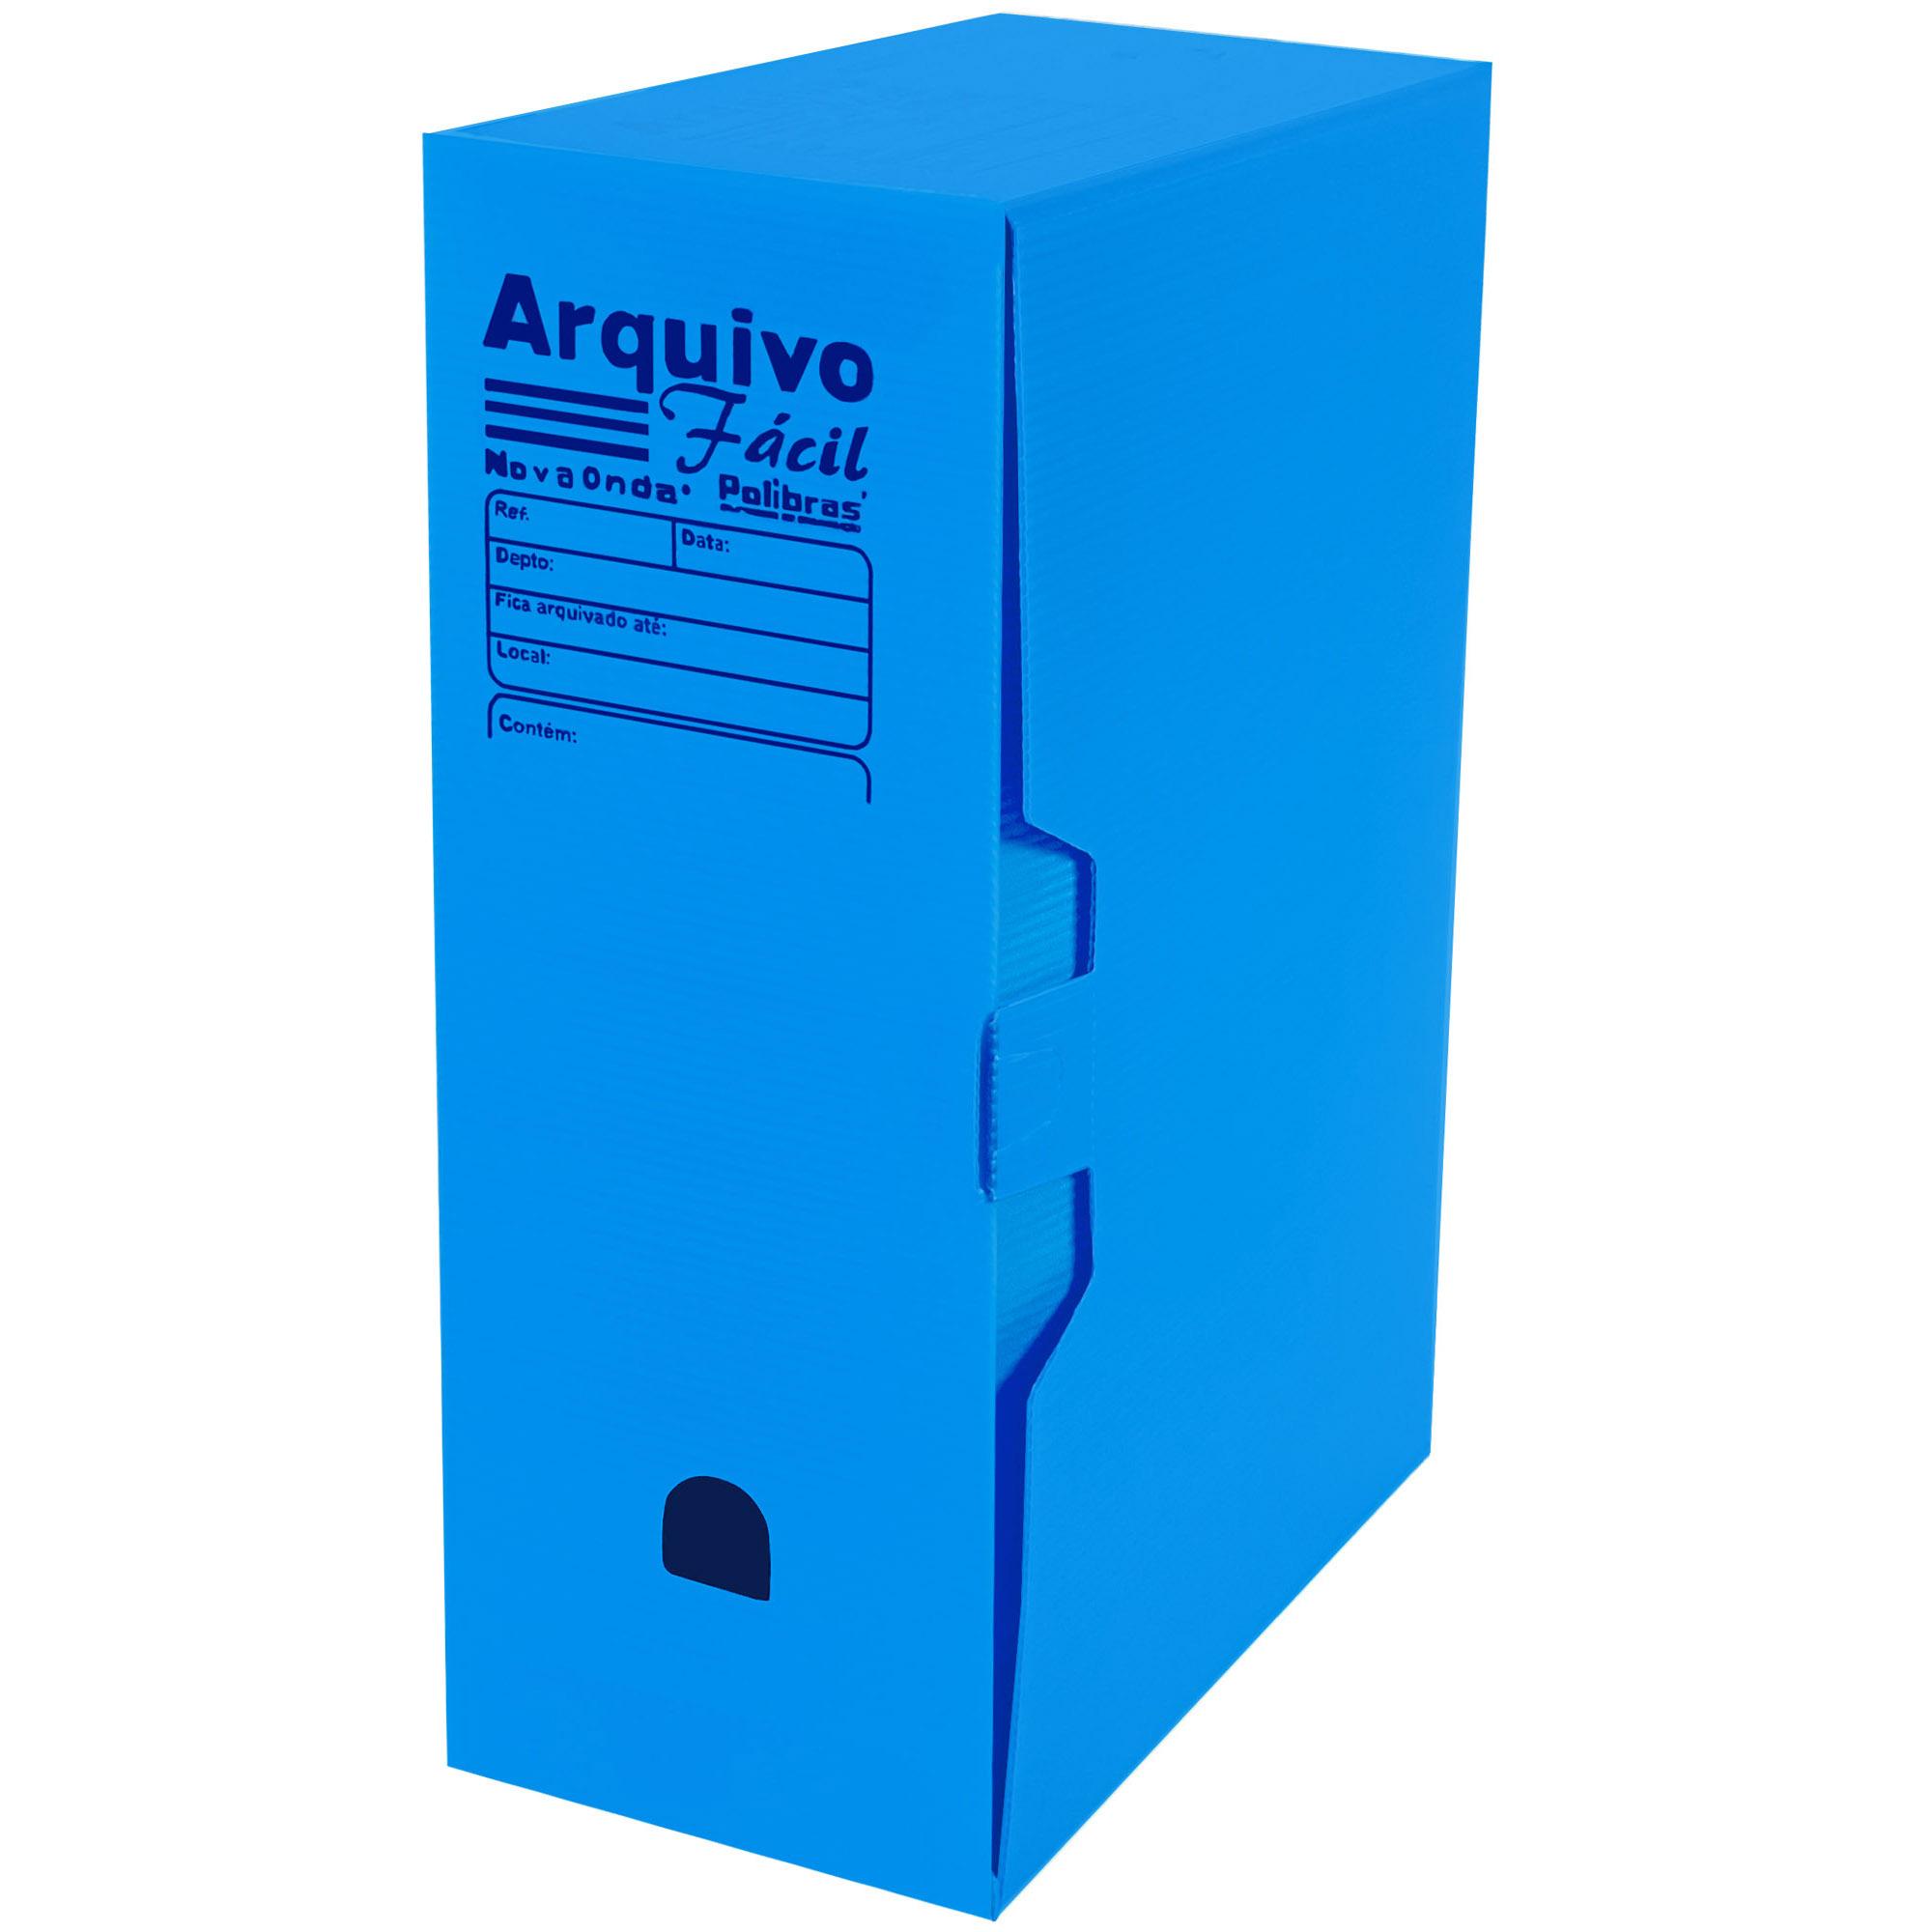 Caixa Arquivo Morto Facil (250x130x350) Cor Azul - Polibras